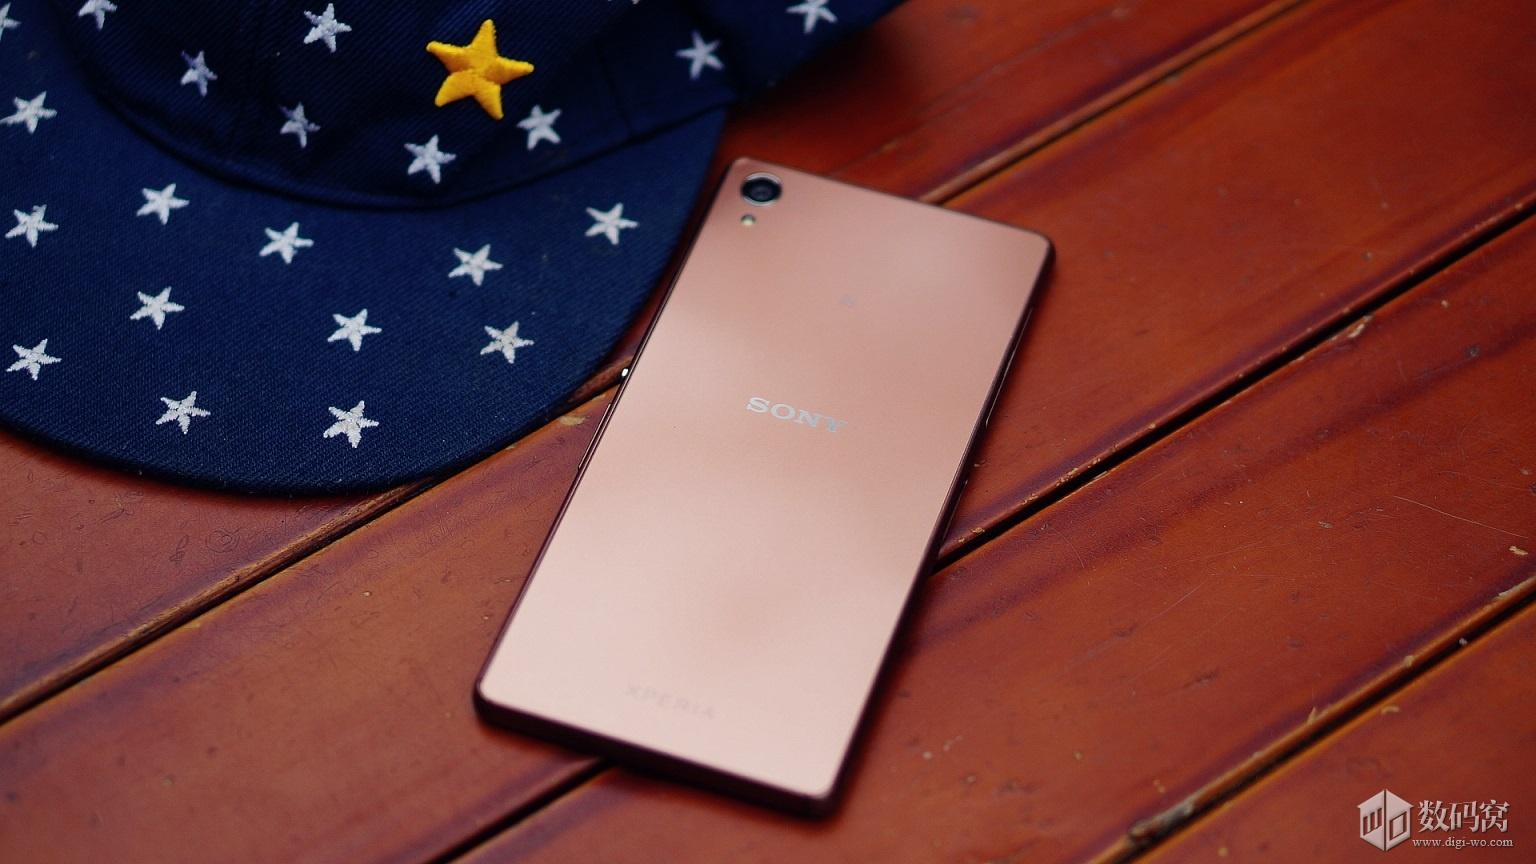 Xperia Z3 Copper Color Model